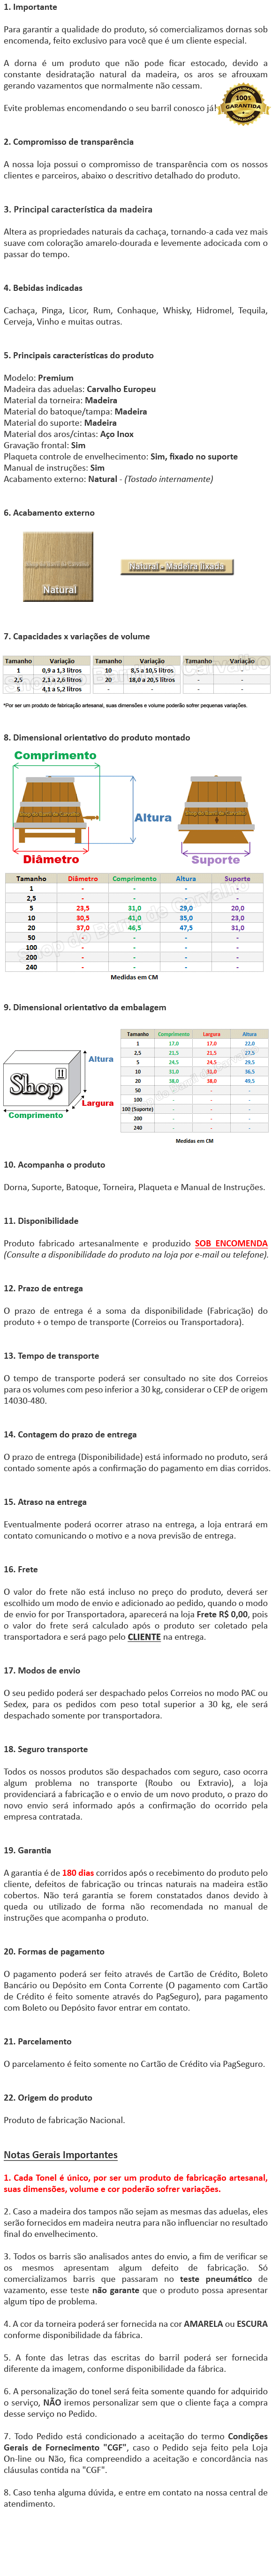 Descricao-Dorna-Carvalho-Europeu-Premium-Natural.png